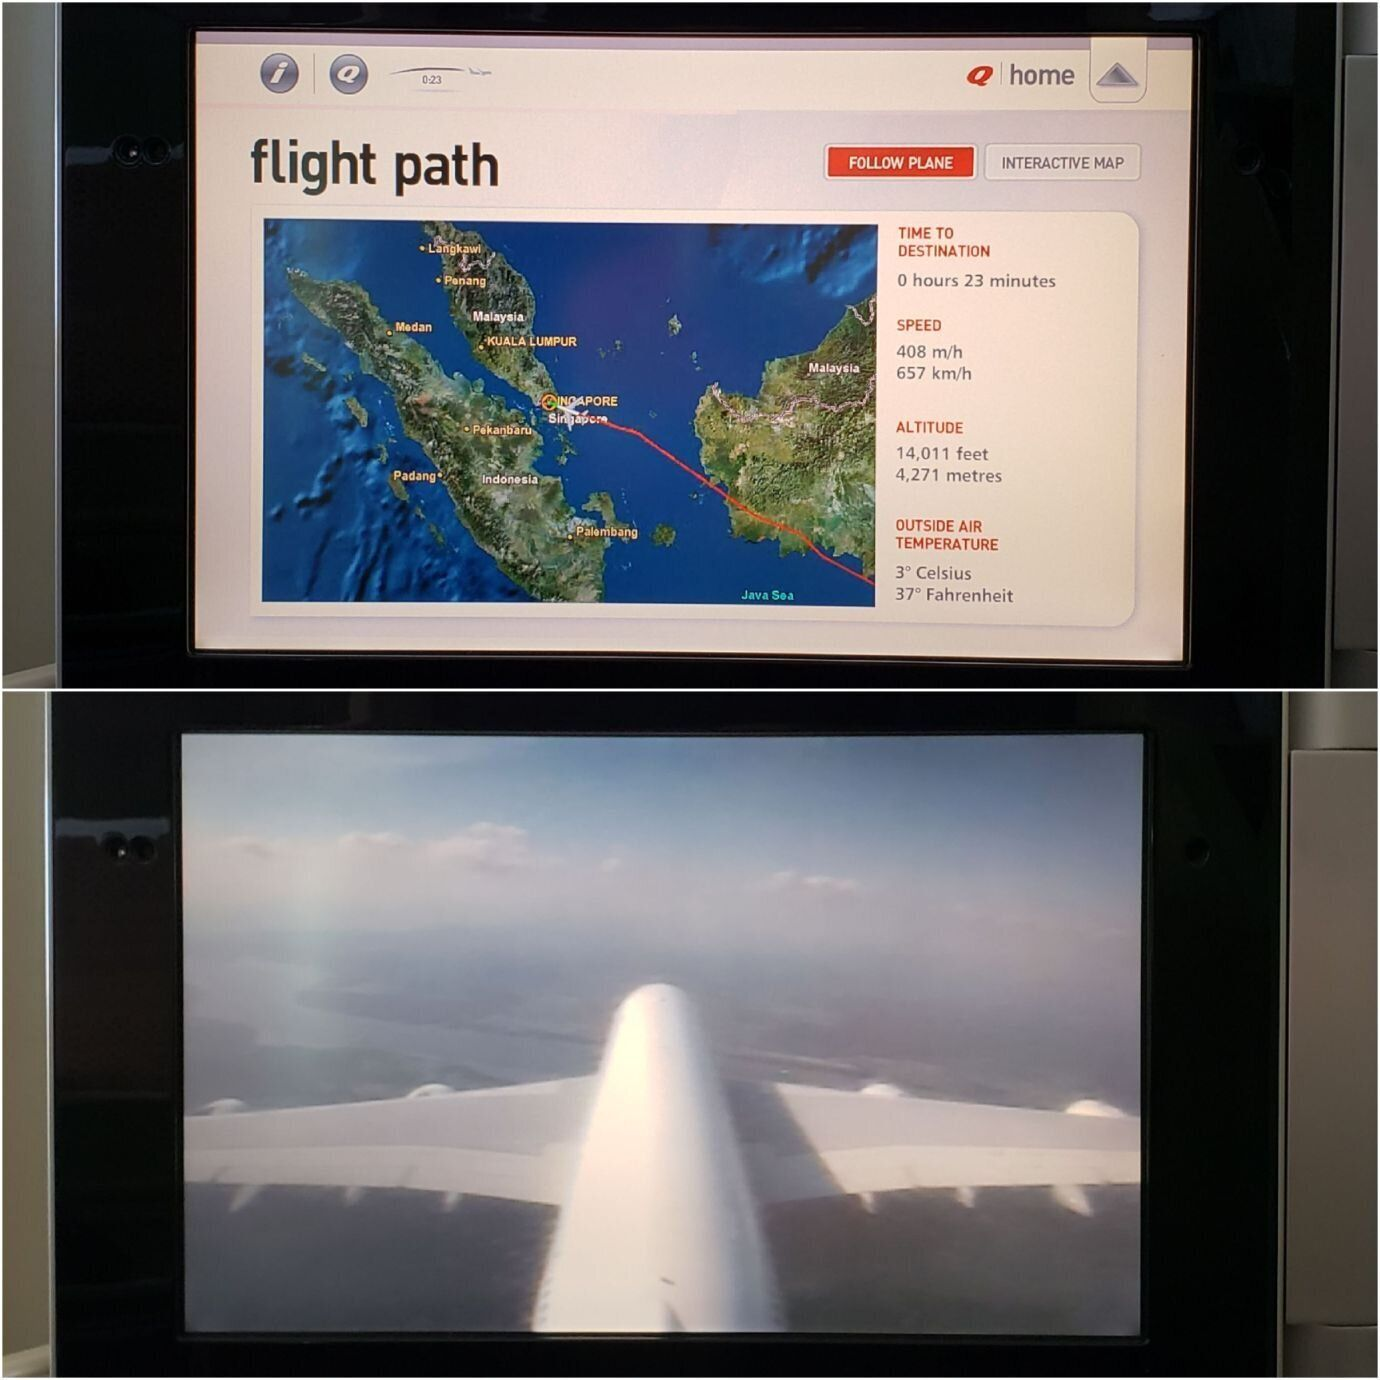 班機接近新加坡機場,準備要降落了